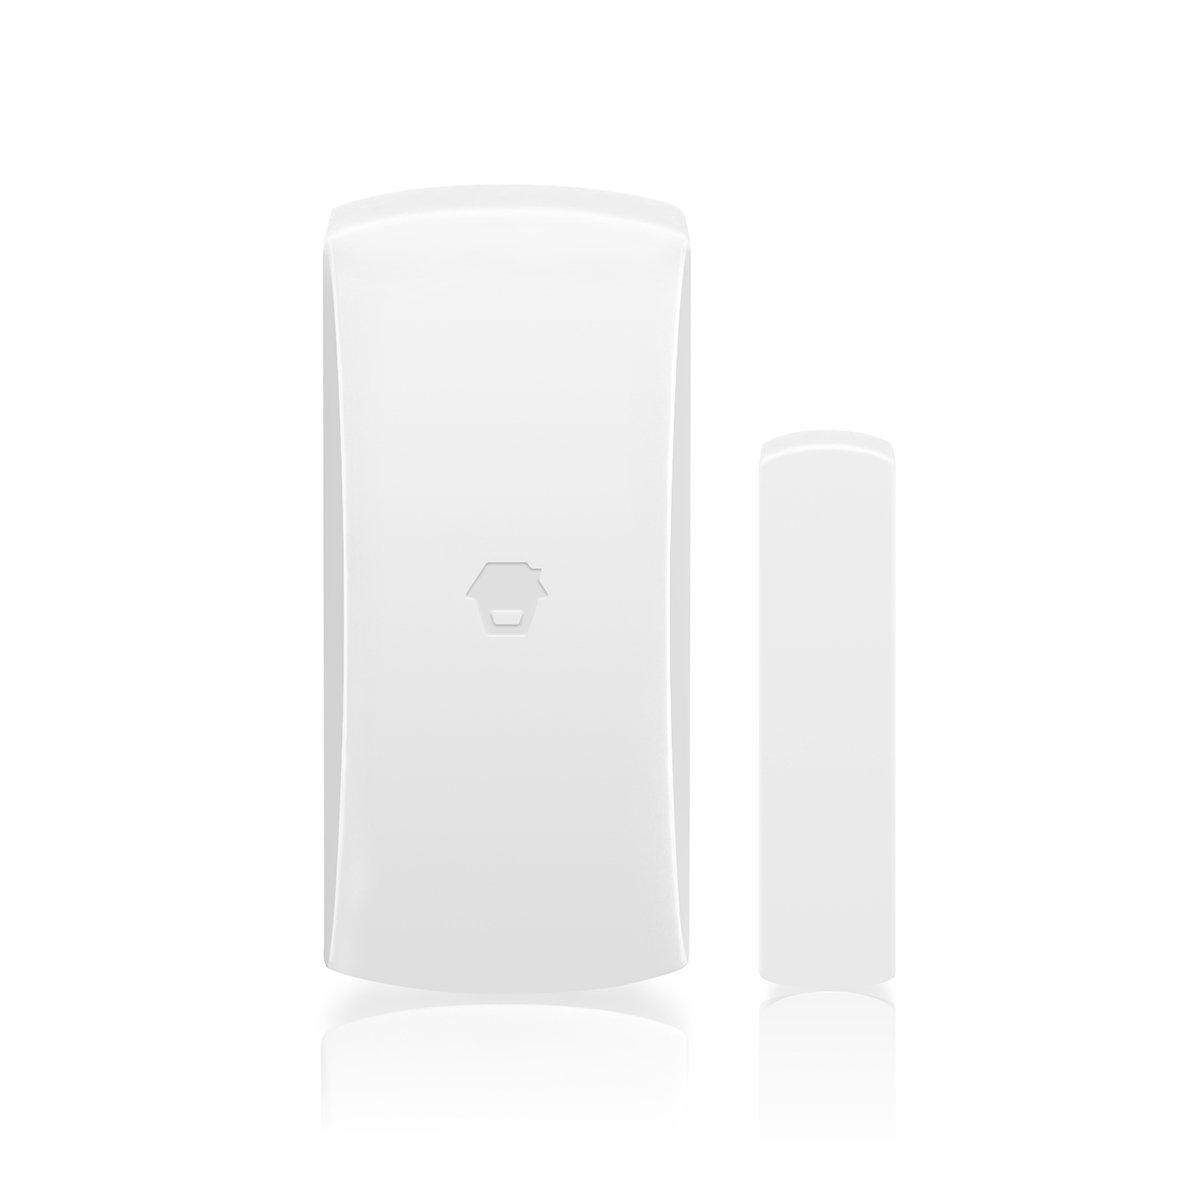 CHUANGO DWC-102 Wireless Door/Window Contact: Amazon.es: Bricolaje y herramientas